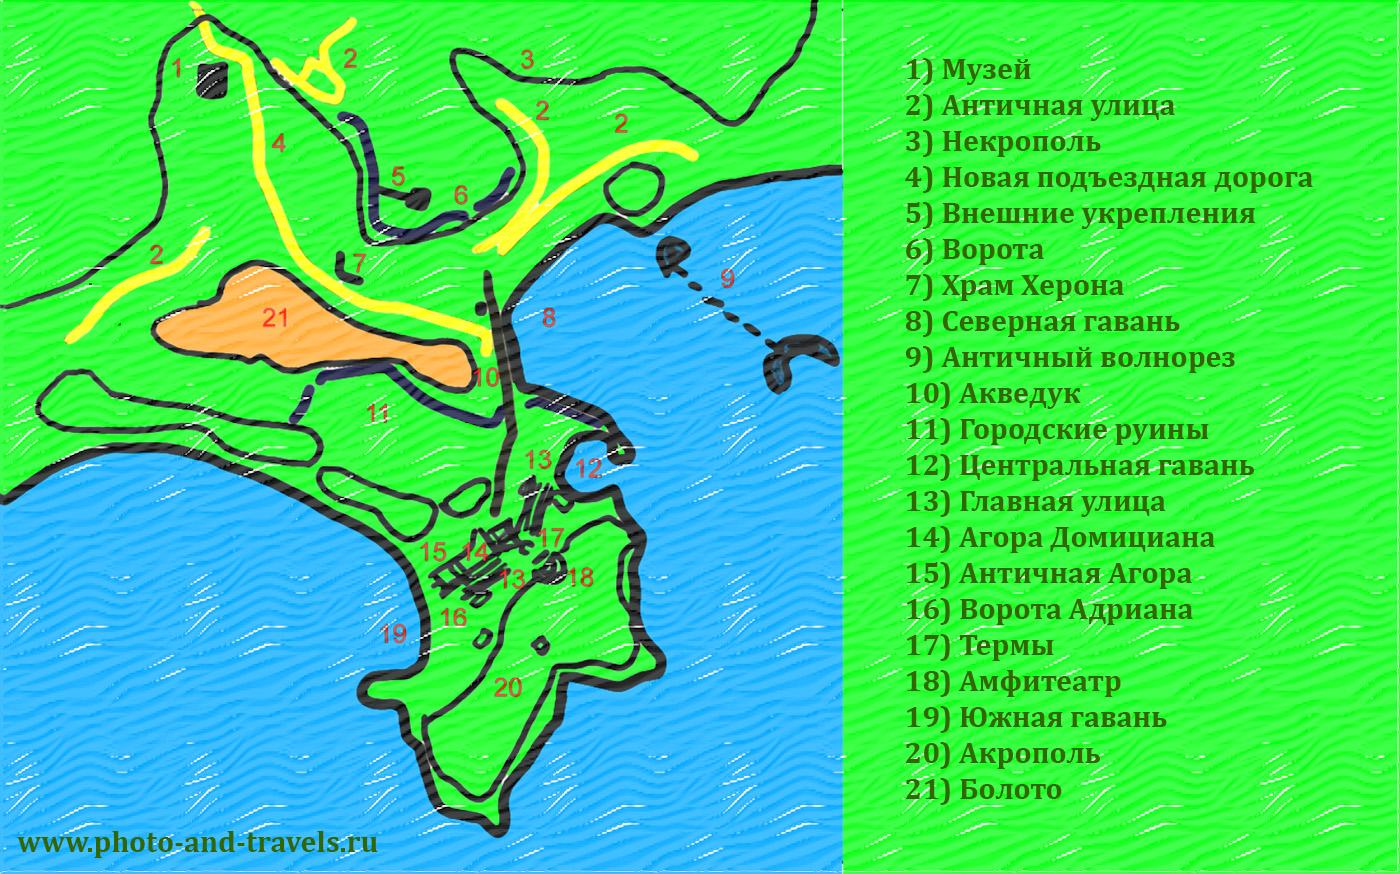 24. Схема расположения объектов на территории археологического комплекса Фазелис.